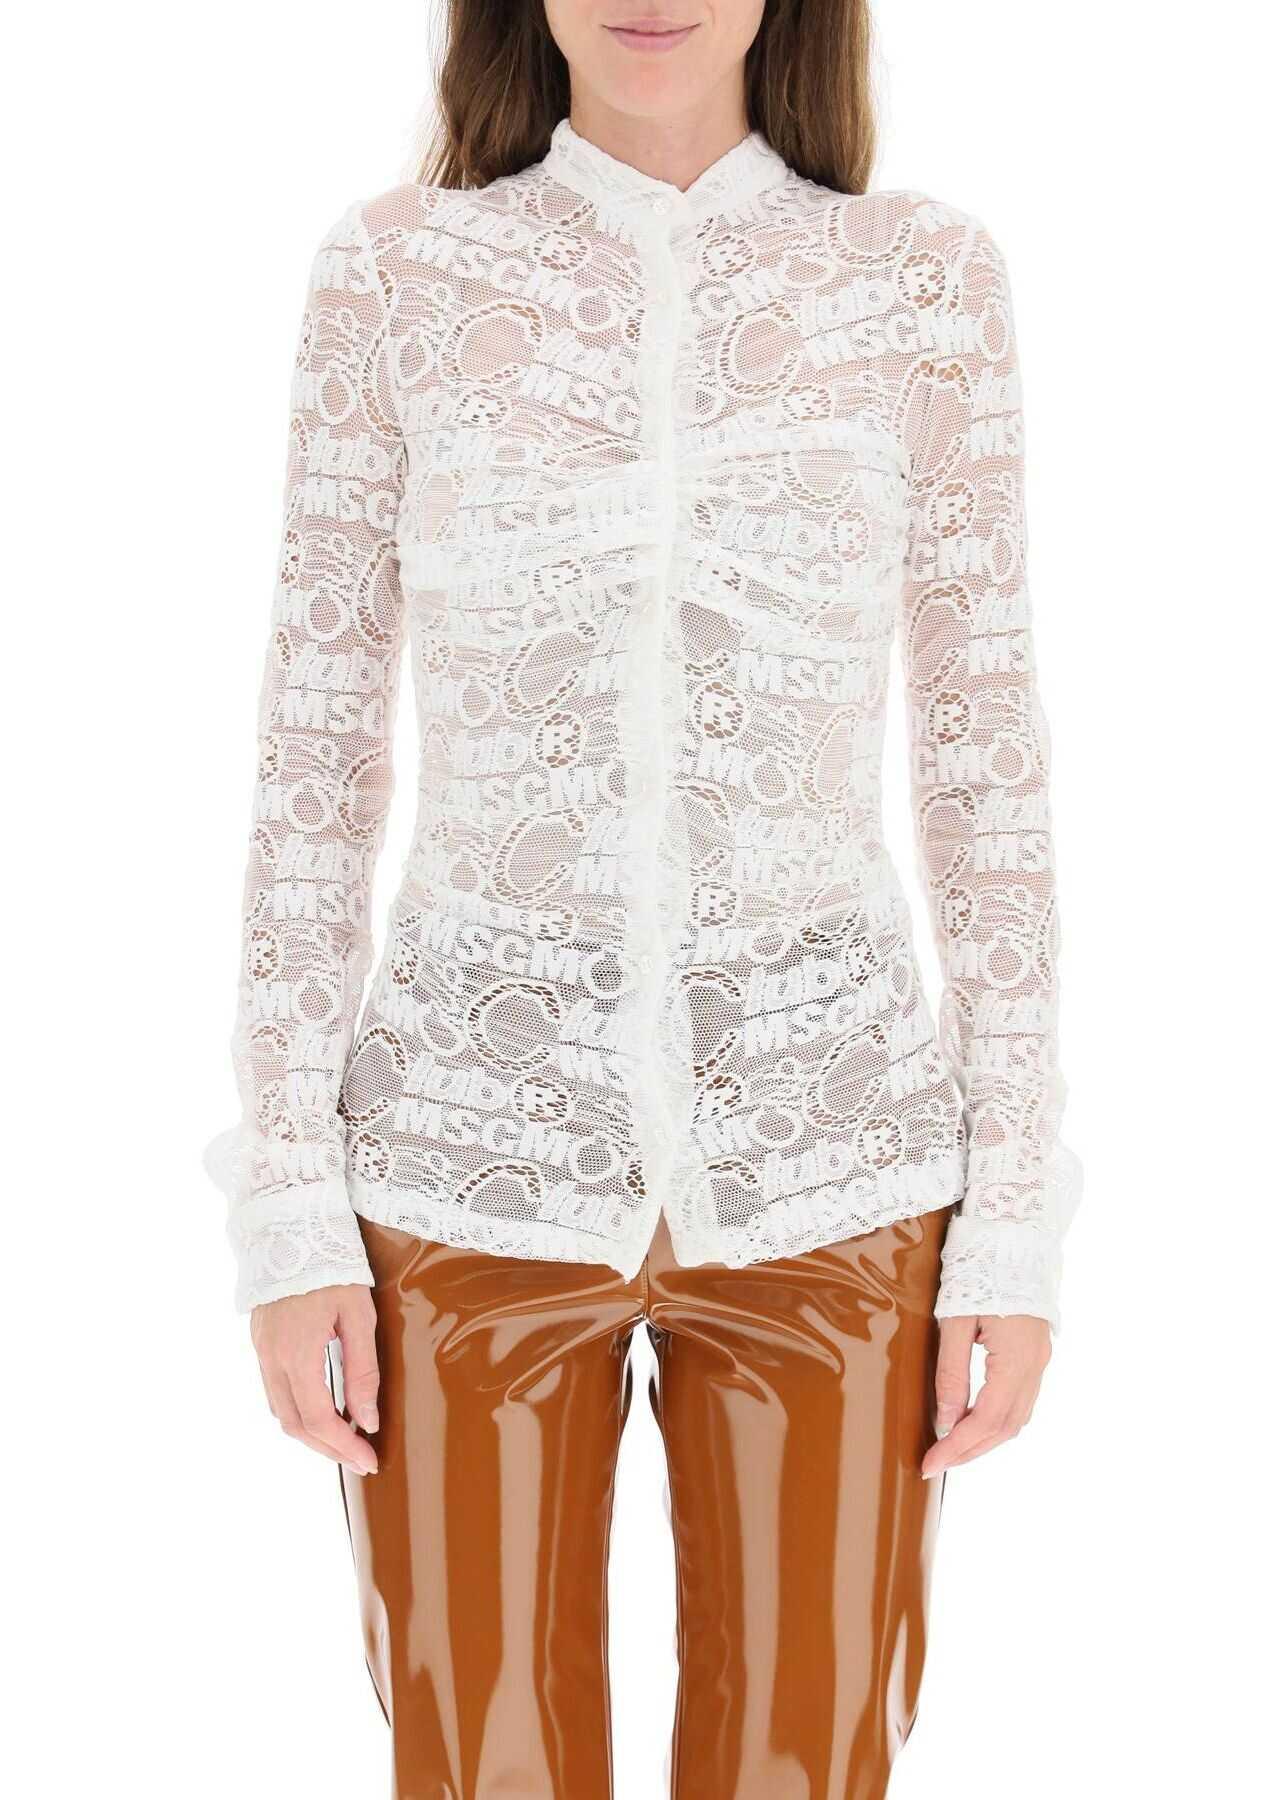 MSGM Monogram Lace Shirt 3142MDE103 217807 OPTICAL WHITE image0